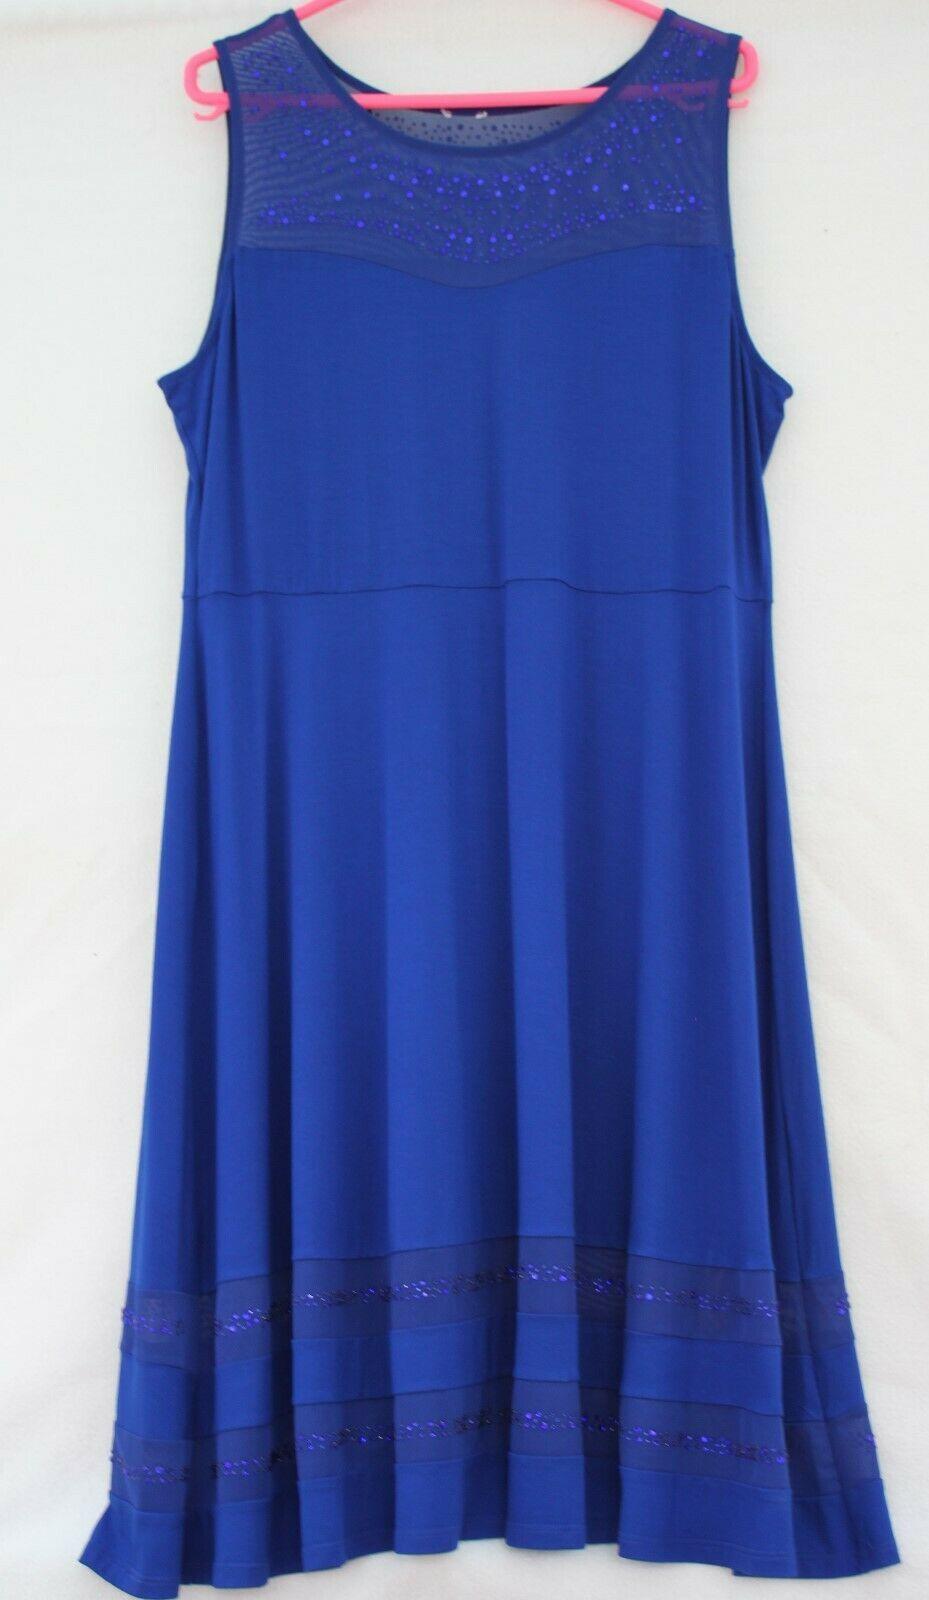 Superschones Festkleid In Royalblau Dreiteiligbestehend Aus Kleid In 44 46 Spit Schone Kleider Ideas Of Schone Kleider Sleeveless Top Fashion Women S Top